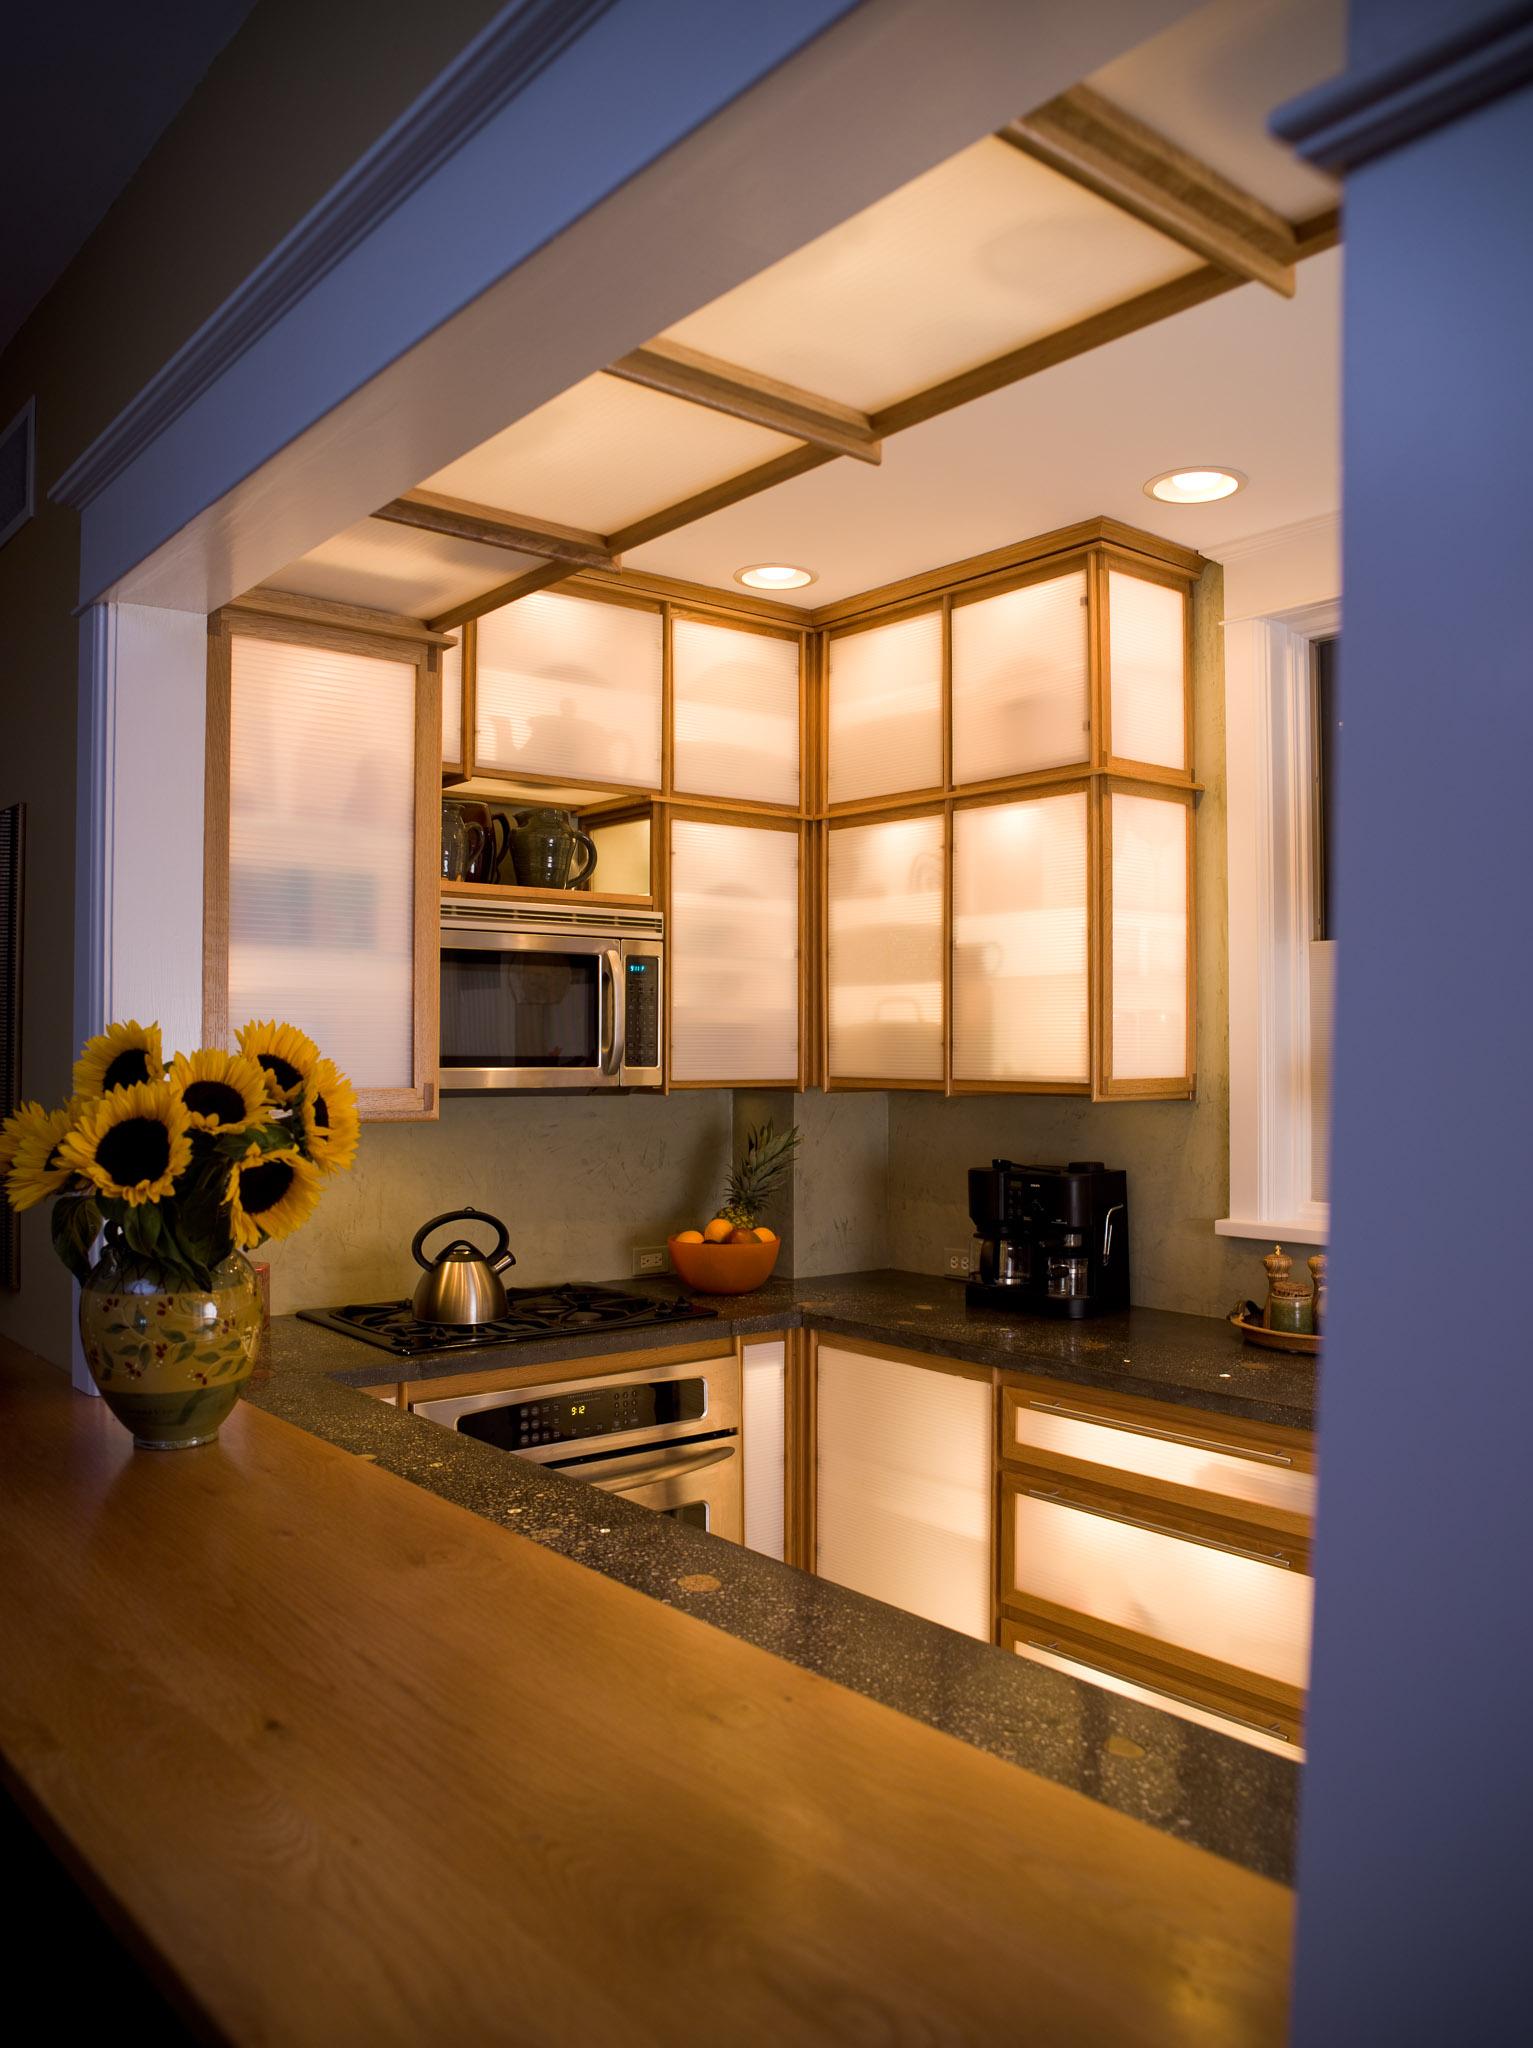 Danko_Modern_Kitchen_04.jpg